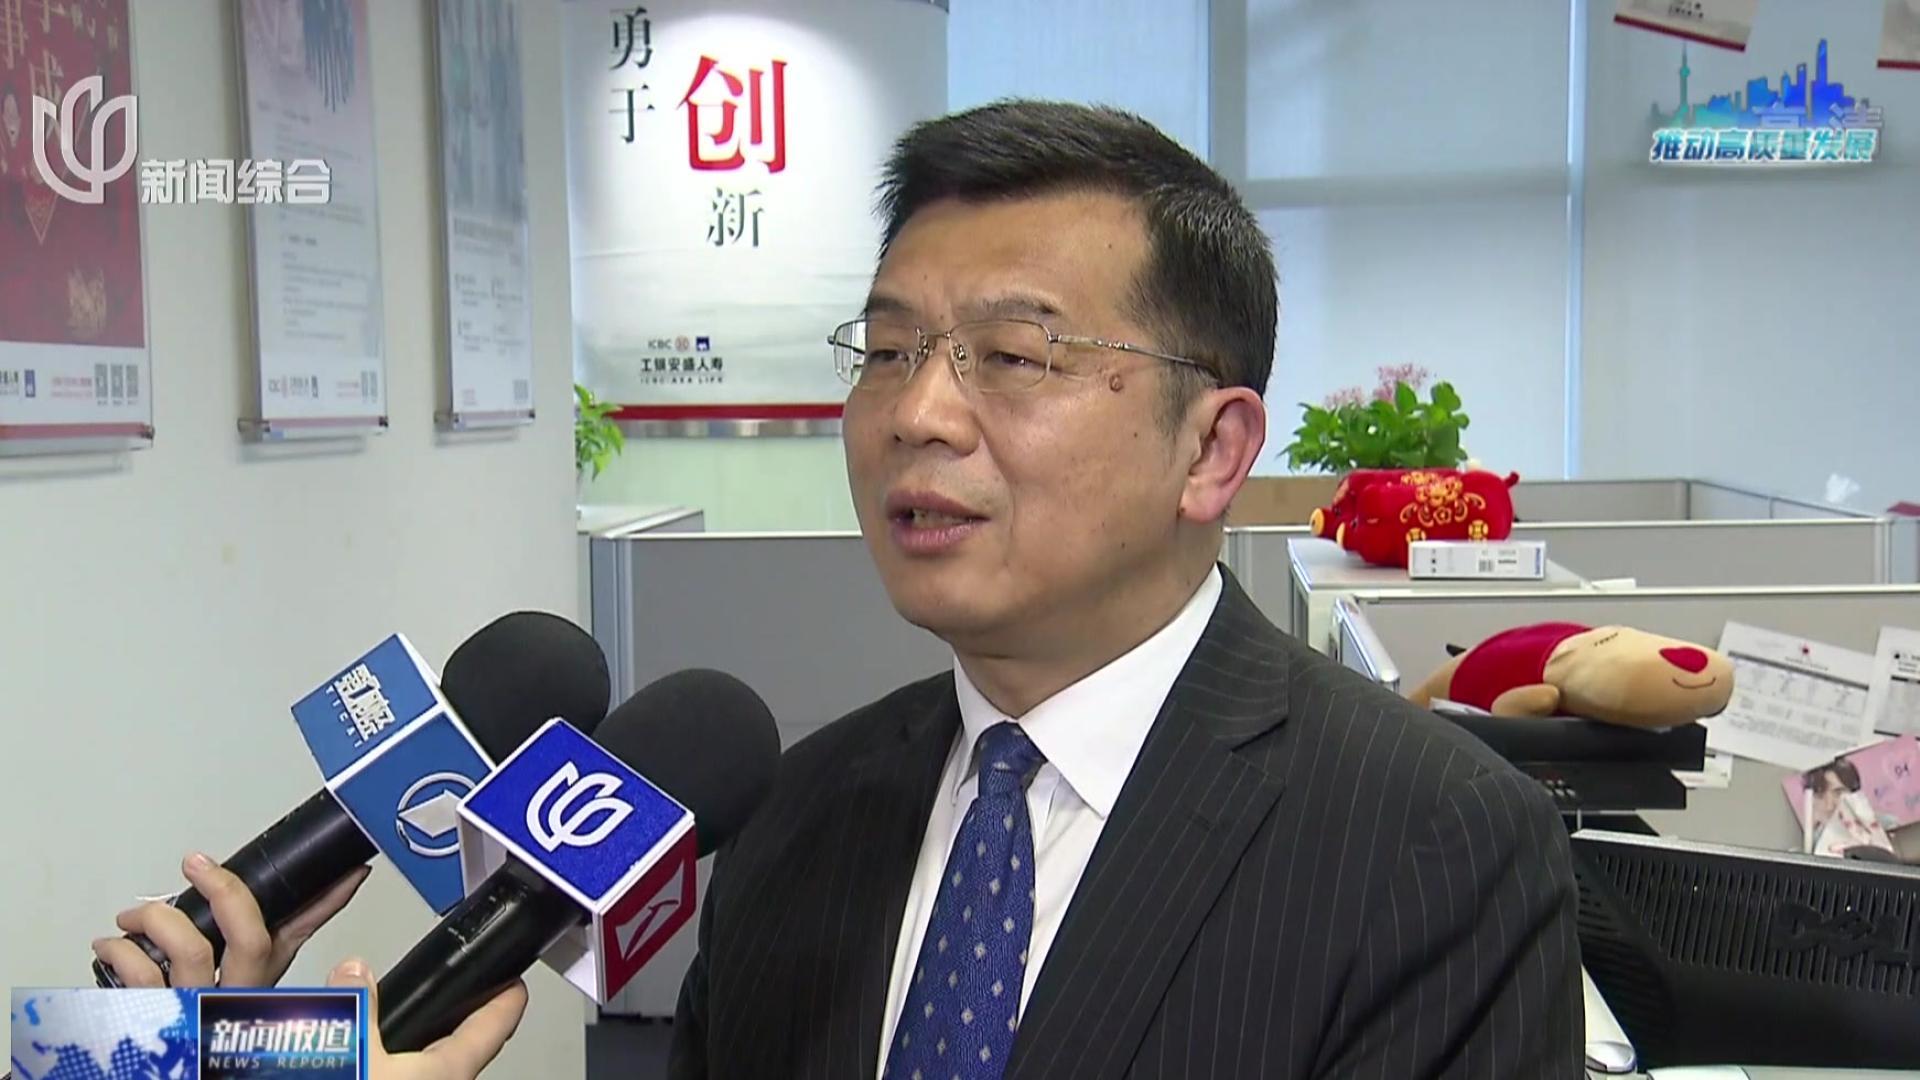 上海:深入推进金融业对外开放  国际金融巨头纷至沓来